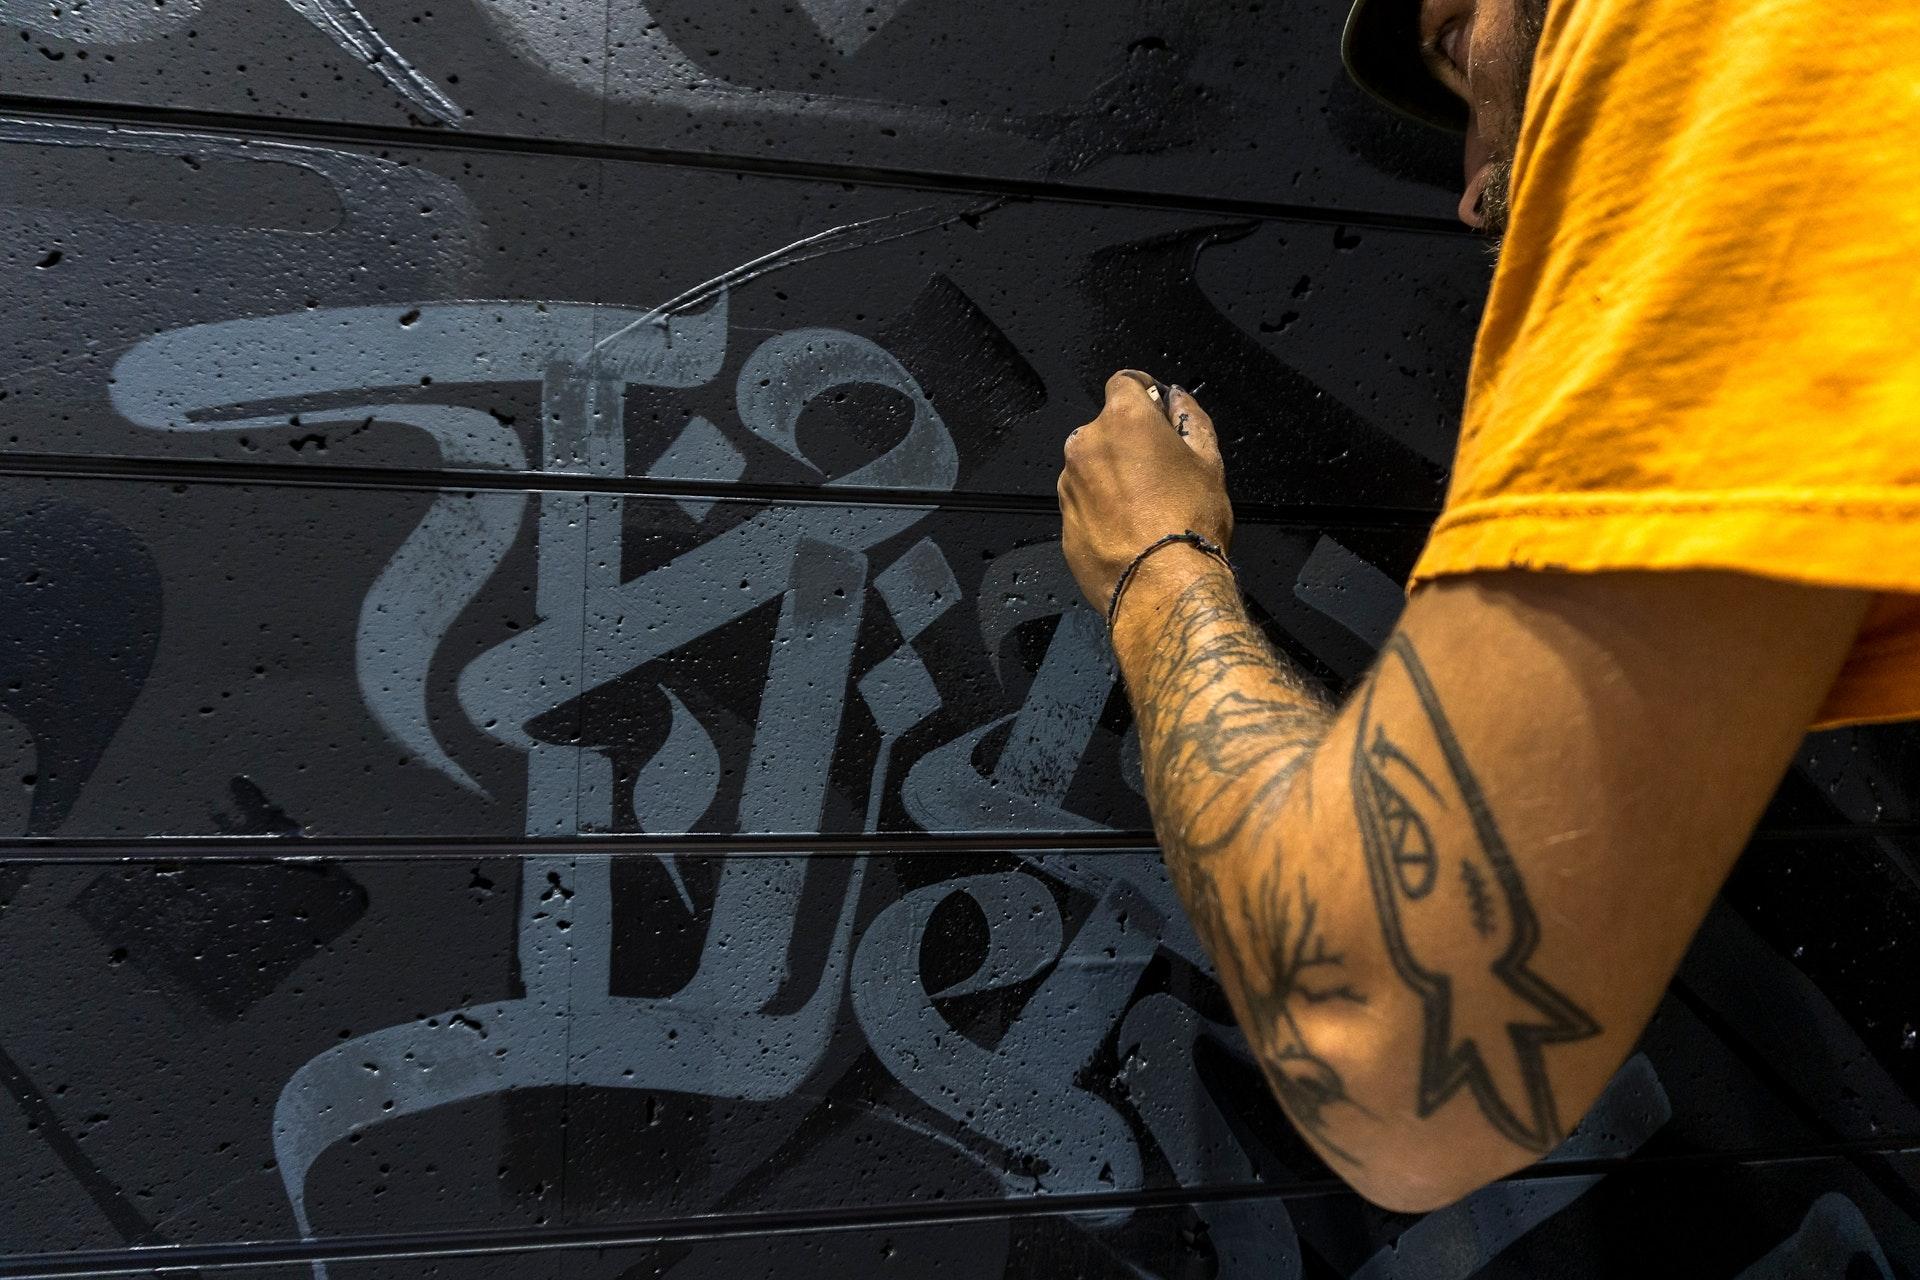 Kalligraphie als wichtiges Element in Engin Dogans Streetart